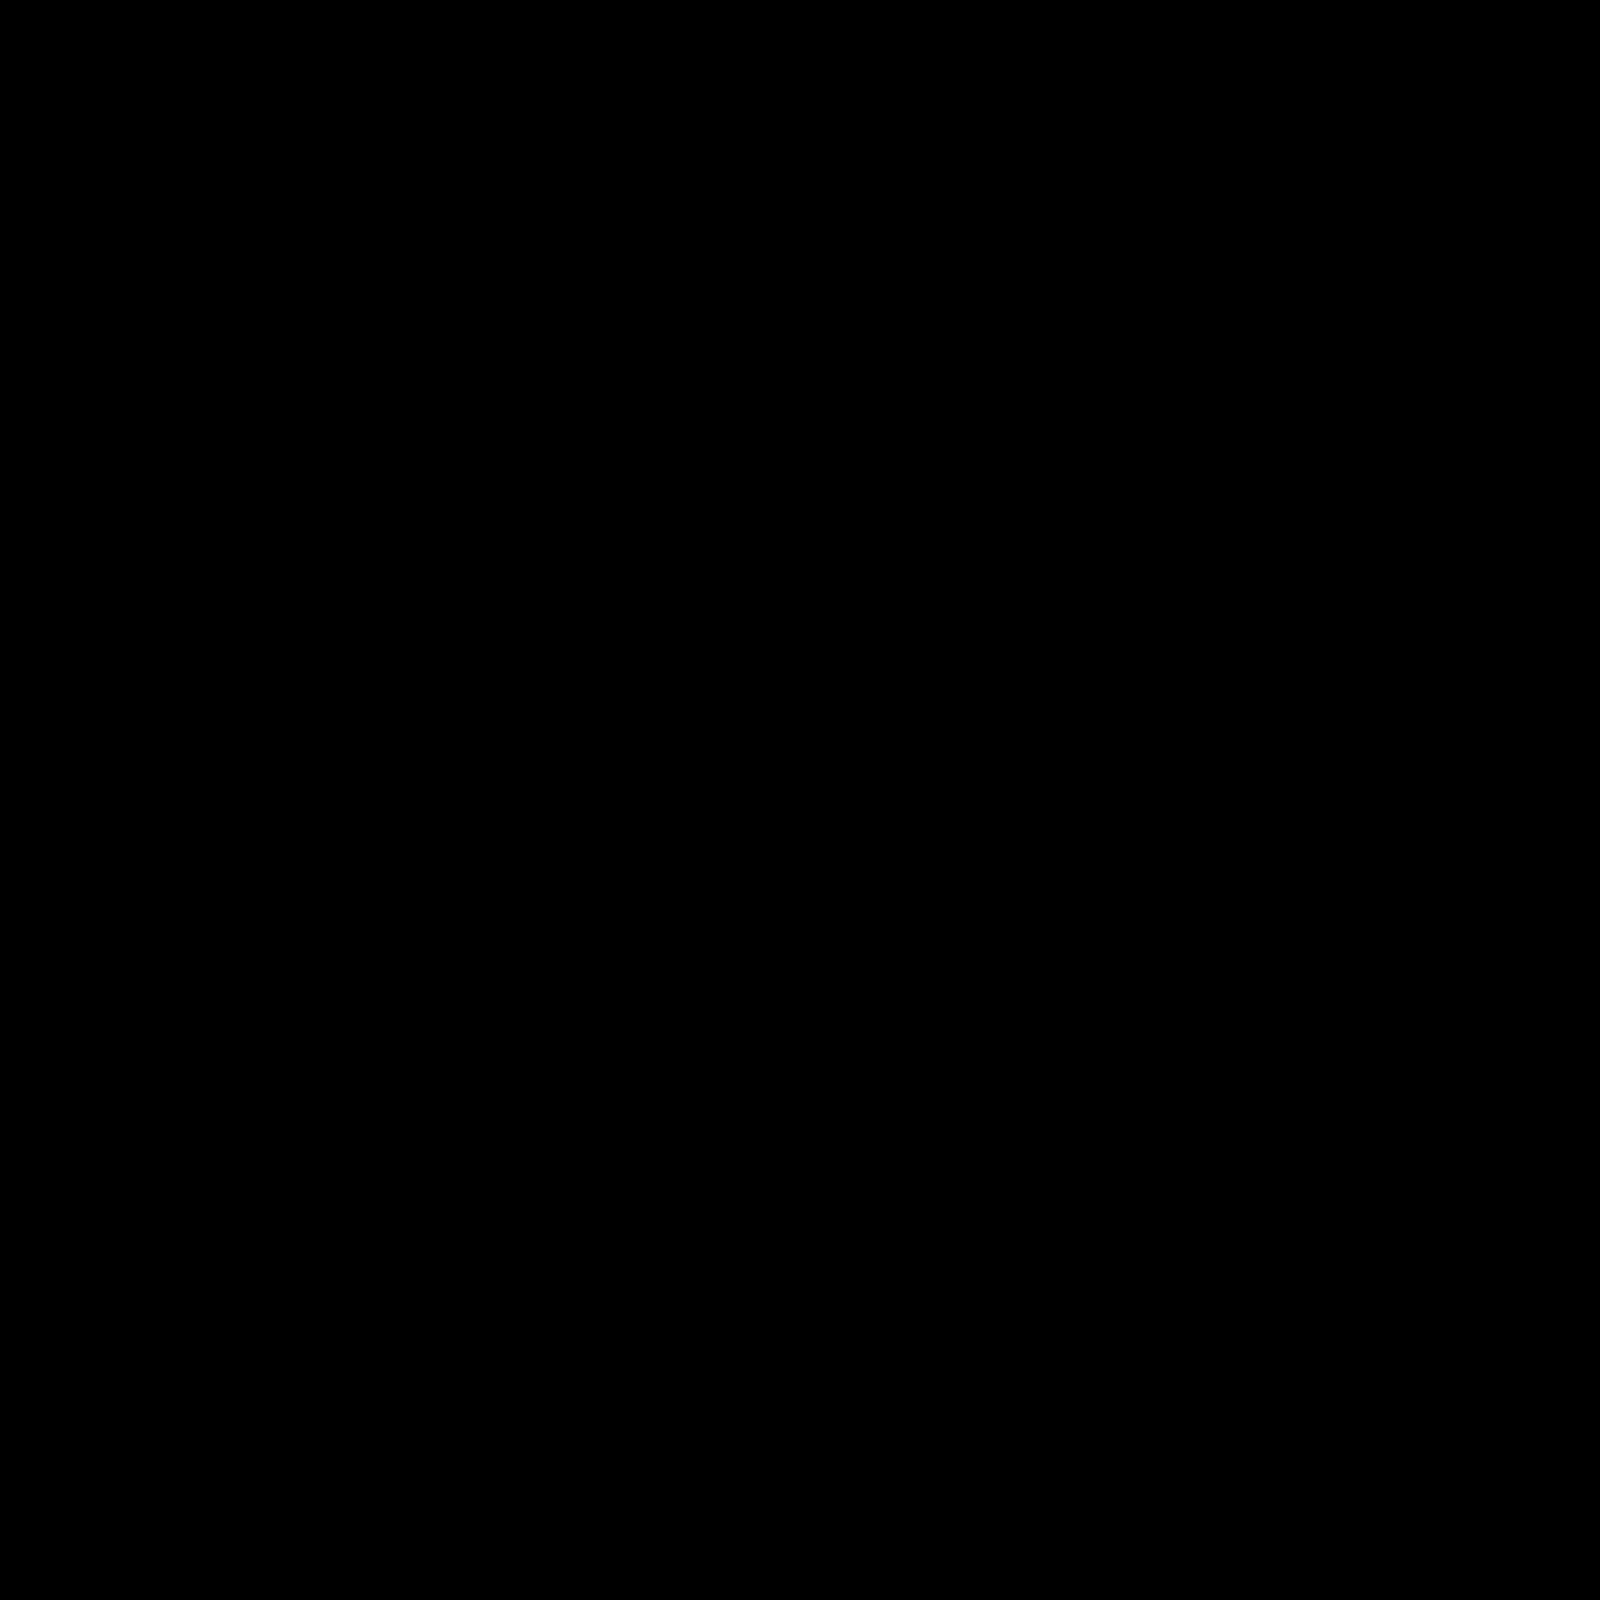 桃心 icon. This icon looks like a heart symbol. It has a rounded v-top that circles around and closes together at the bottom into a point. It would be used to show love or affection.